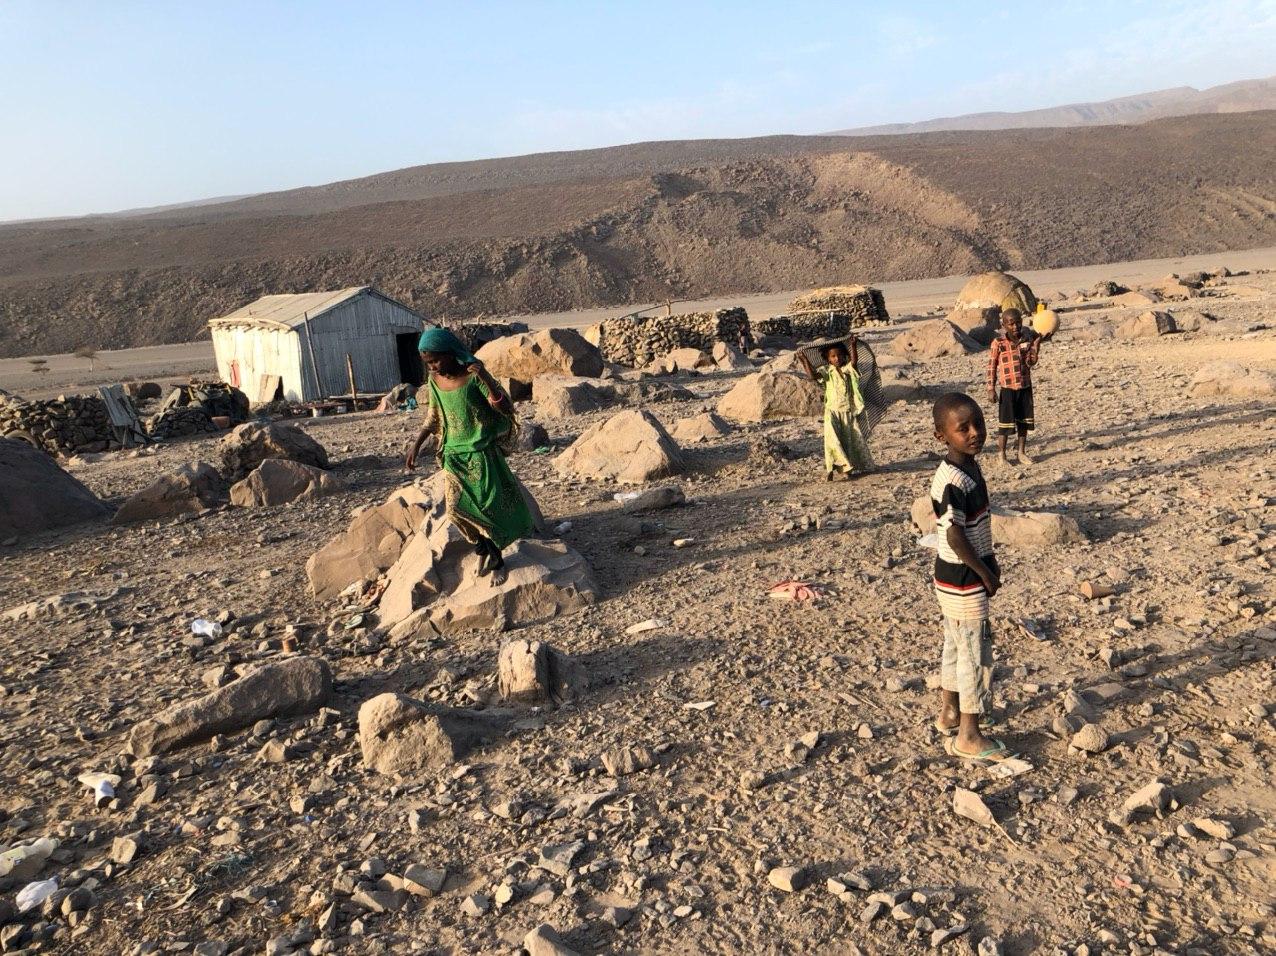 中共把非洲當做重要的戰略基地。圖為埃塞俄比亞一個山谷部落。(受訪者提供)